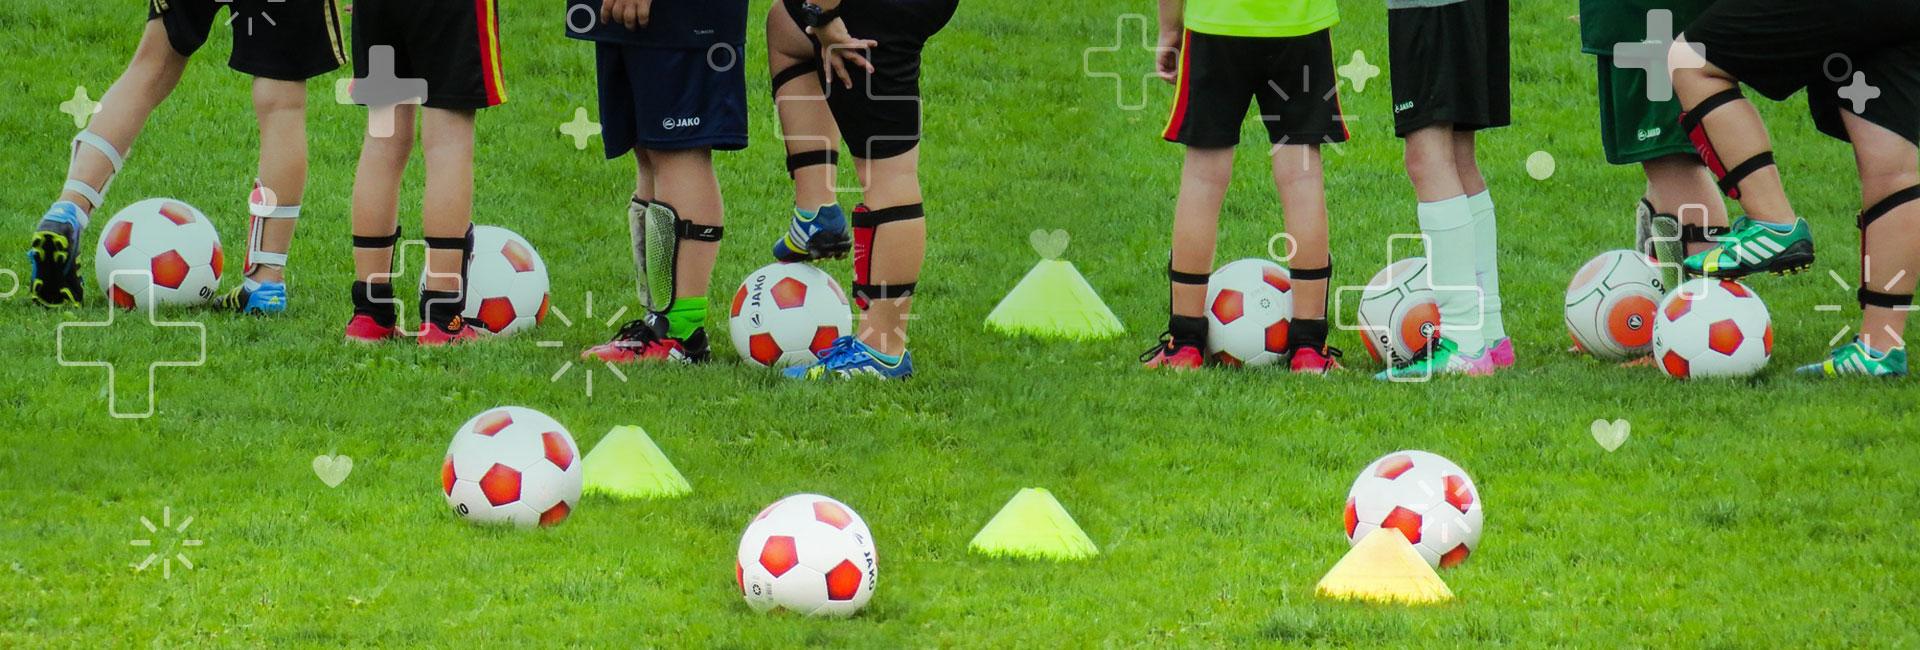 actividad física en niños y jóvenes